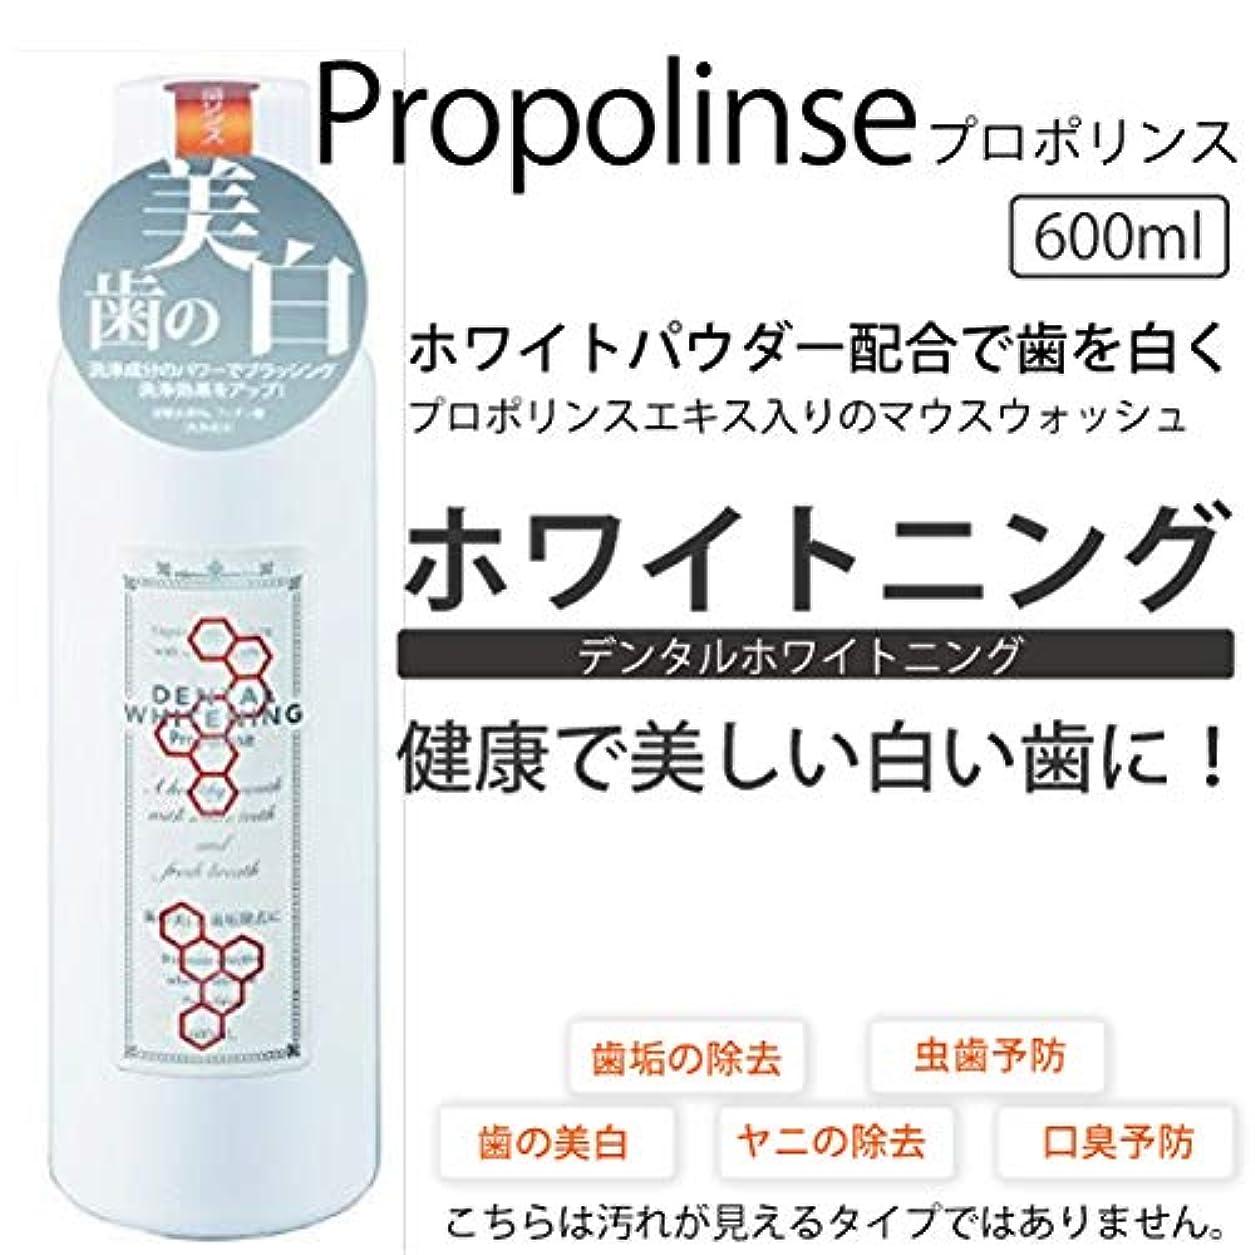 嫌なハシーよろめくプロポリンス マウスウォッシュ デンタルホワイトニング (ホワイトパウダー配合で歯を白く) 600ml [30本セット] 口臭対策